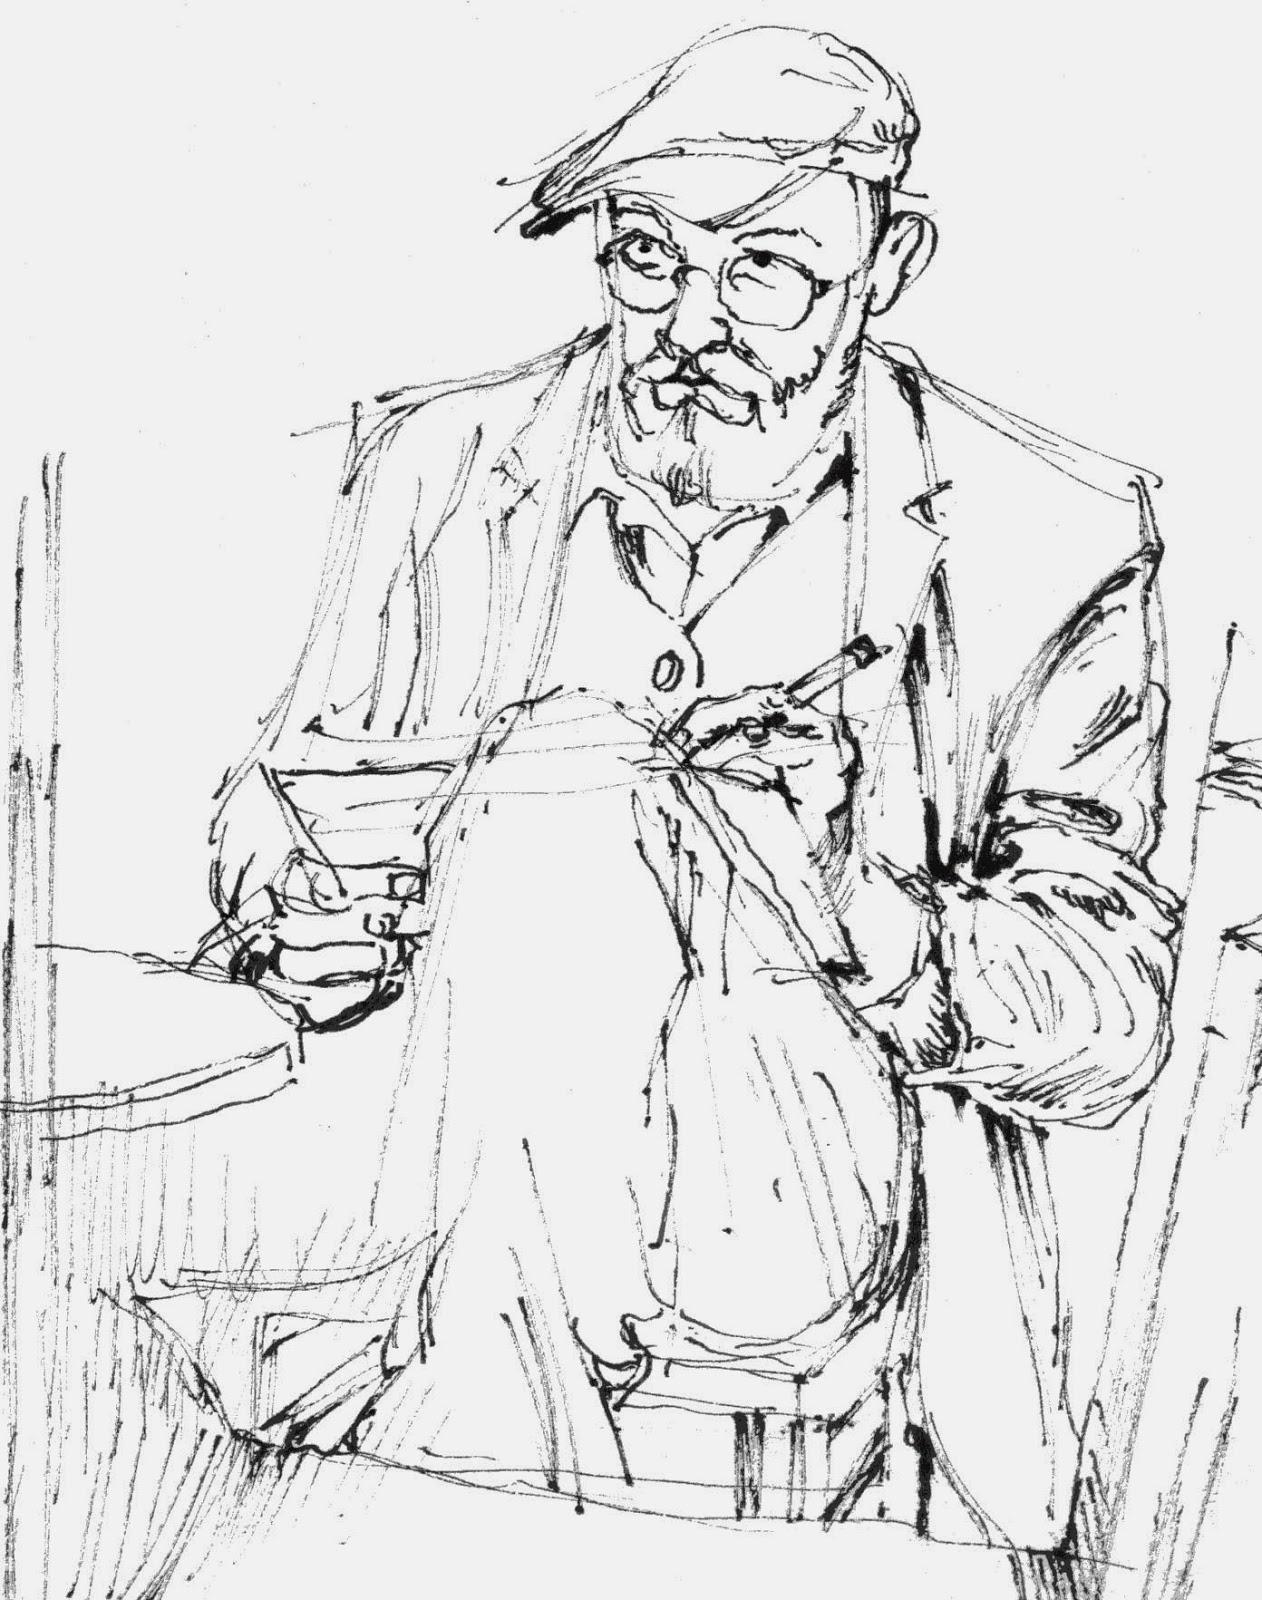 zeichnung, wolfgang Glechner, selfie, selbstportraet, tusche, pen drawing, filzstift, kaffeehaus, spiegel, man in the mirror